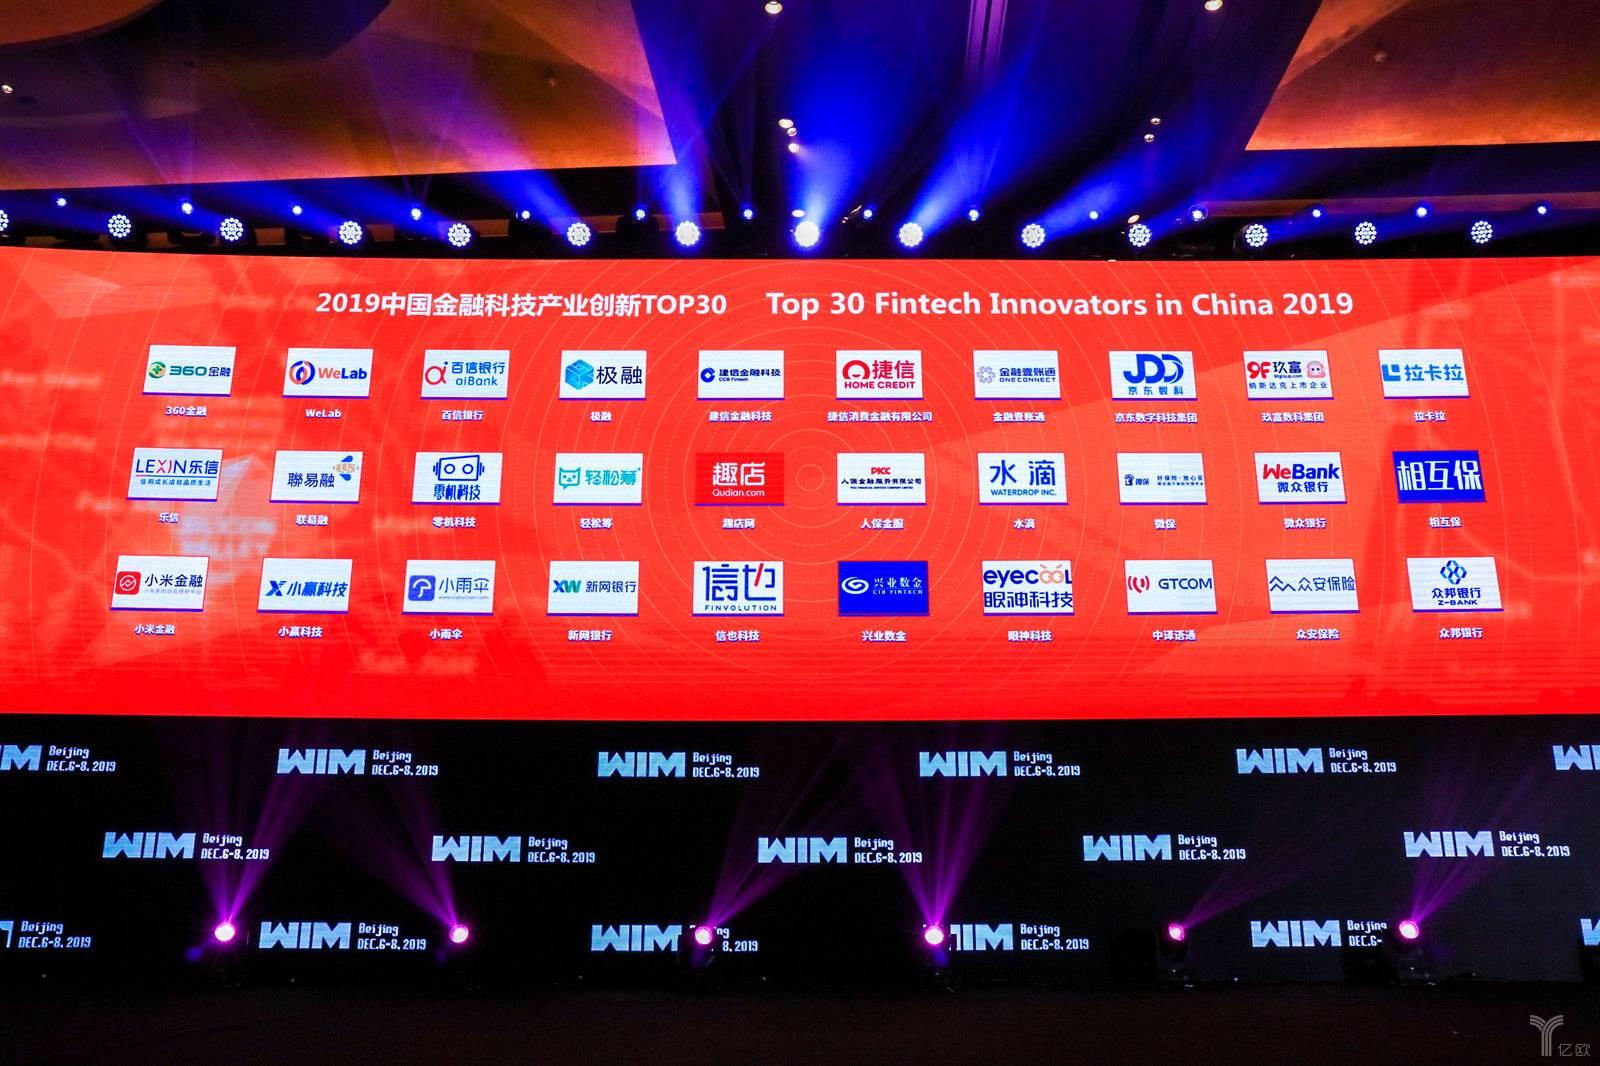 2019中国金融科技产业创新TOP30.jpg